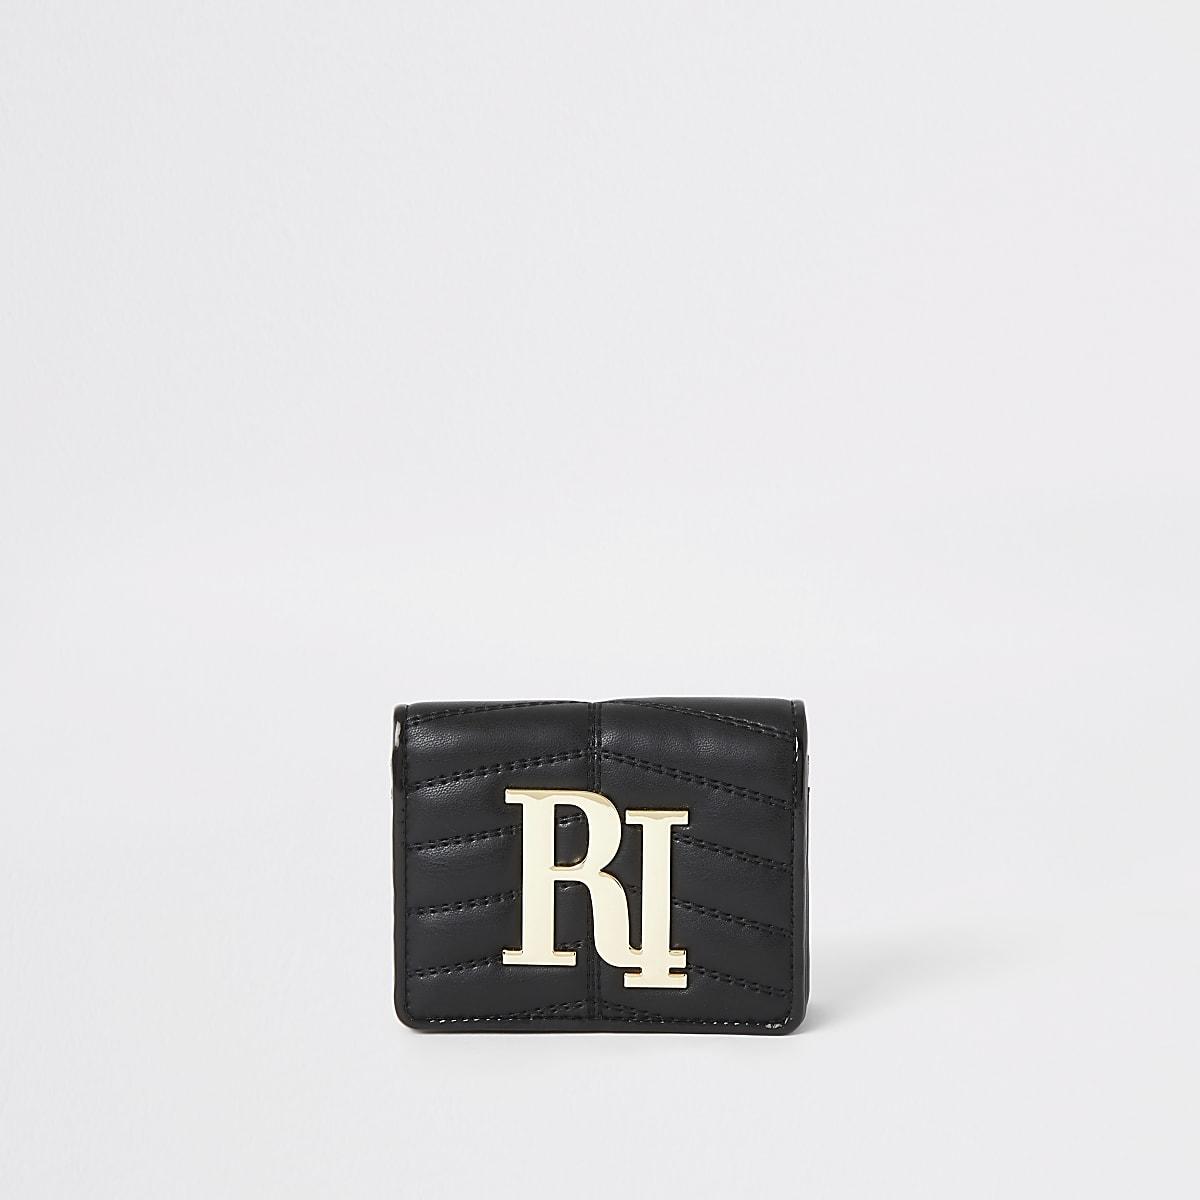 Zwarte Dames Portemonnee.Zwarte Gewatteerde Uitvouwbare Portemonnee Met Ri Logo